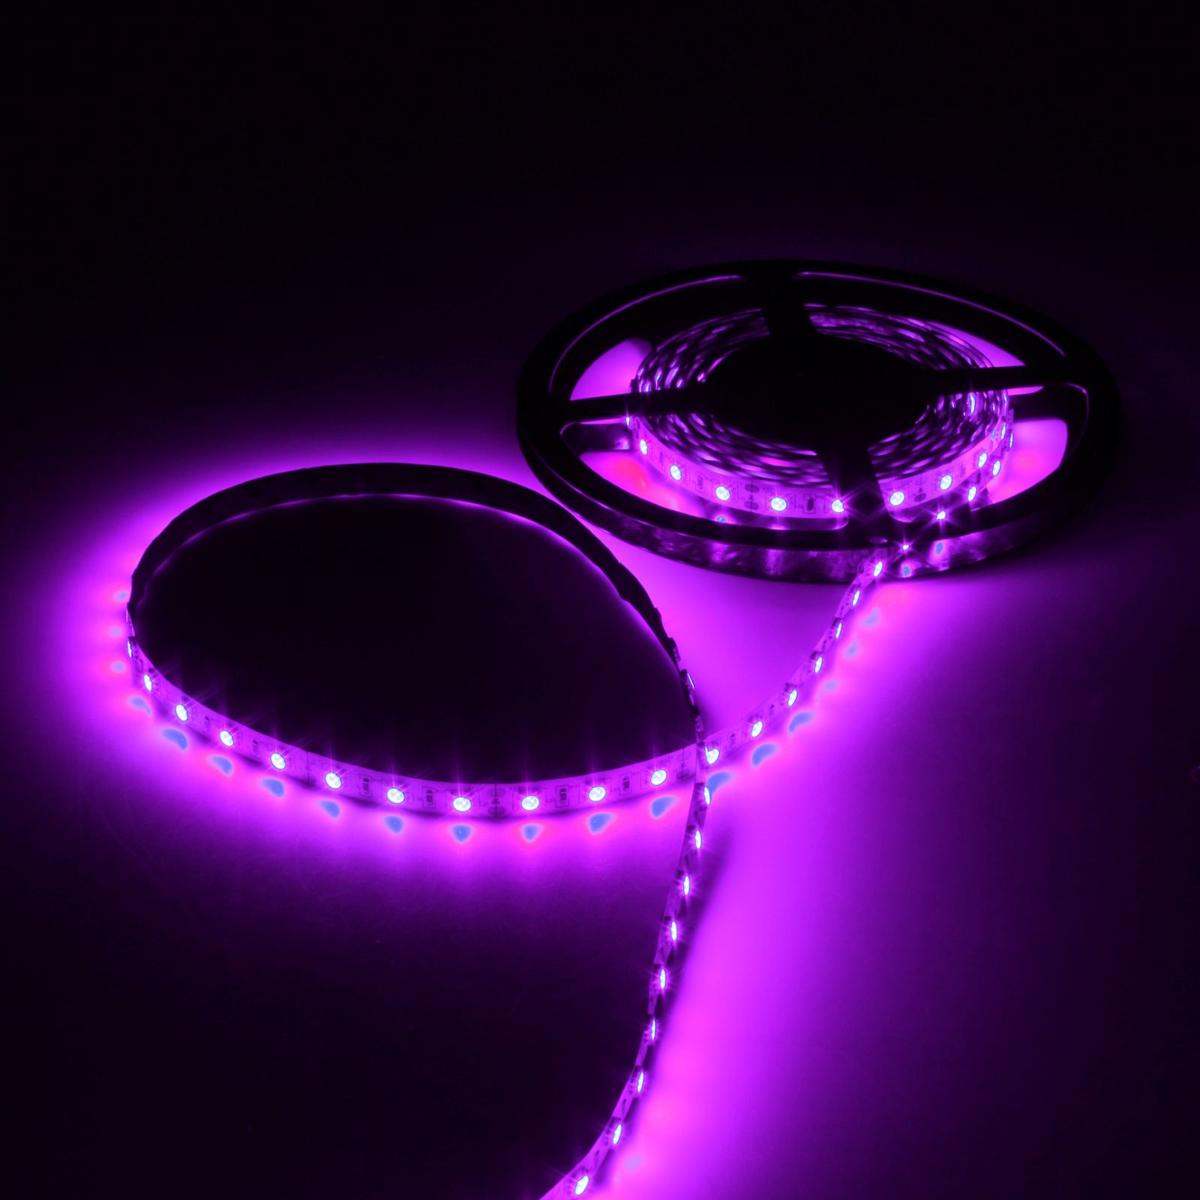 Светодиодная лента Luazon, 60 LED ламп, 12В, 14.4 Вт/м, 14-16 Лм/1 LED, DC, длина 5 мЭ-ПР-03-35_белыйСветодиодная лента Luazon - это отличный вариант для новогоднего оформленияинтерьера или фасада. С ее помощью помещение любого размера можно превратить впраздничный зал, а внешние элементы зданий, украшенные ей, мгновенно станут напоминатьочертания сказочного дворца. Деревья, фасады, витрины, окна и арки будто специально созданы,чтобы вы украсили их светящимися нитями.Дополнительные характеристики:- Размер светодиодов: 5050. - Цвет: фиолетовый. - Класс пылезащищенности: IP33.